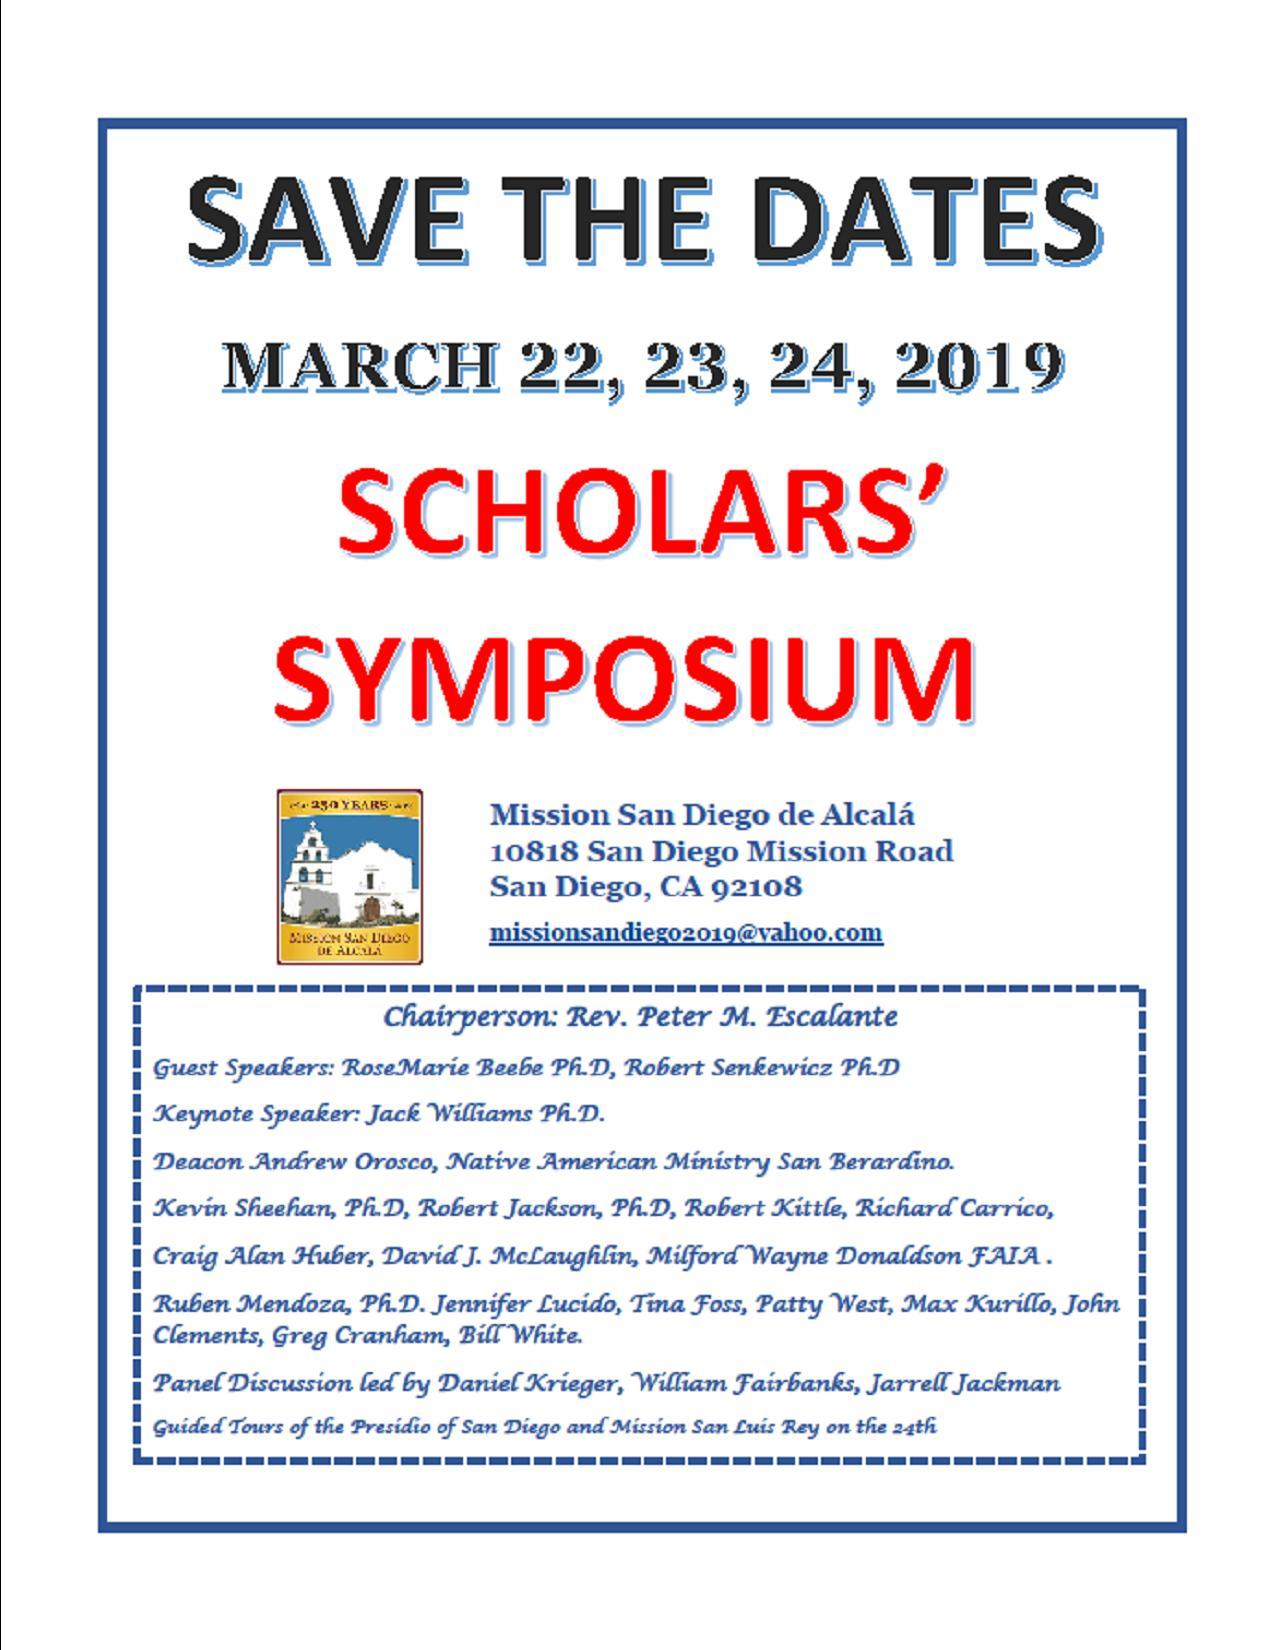 2019 Jubilee Year Scholars' Symposium